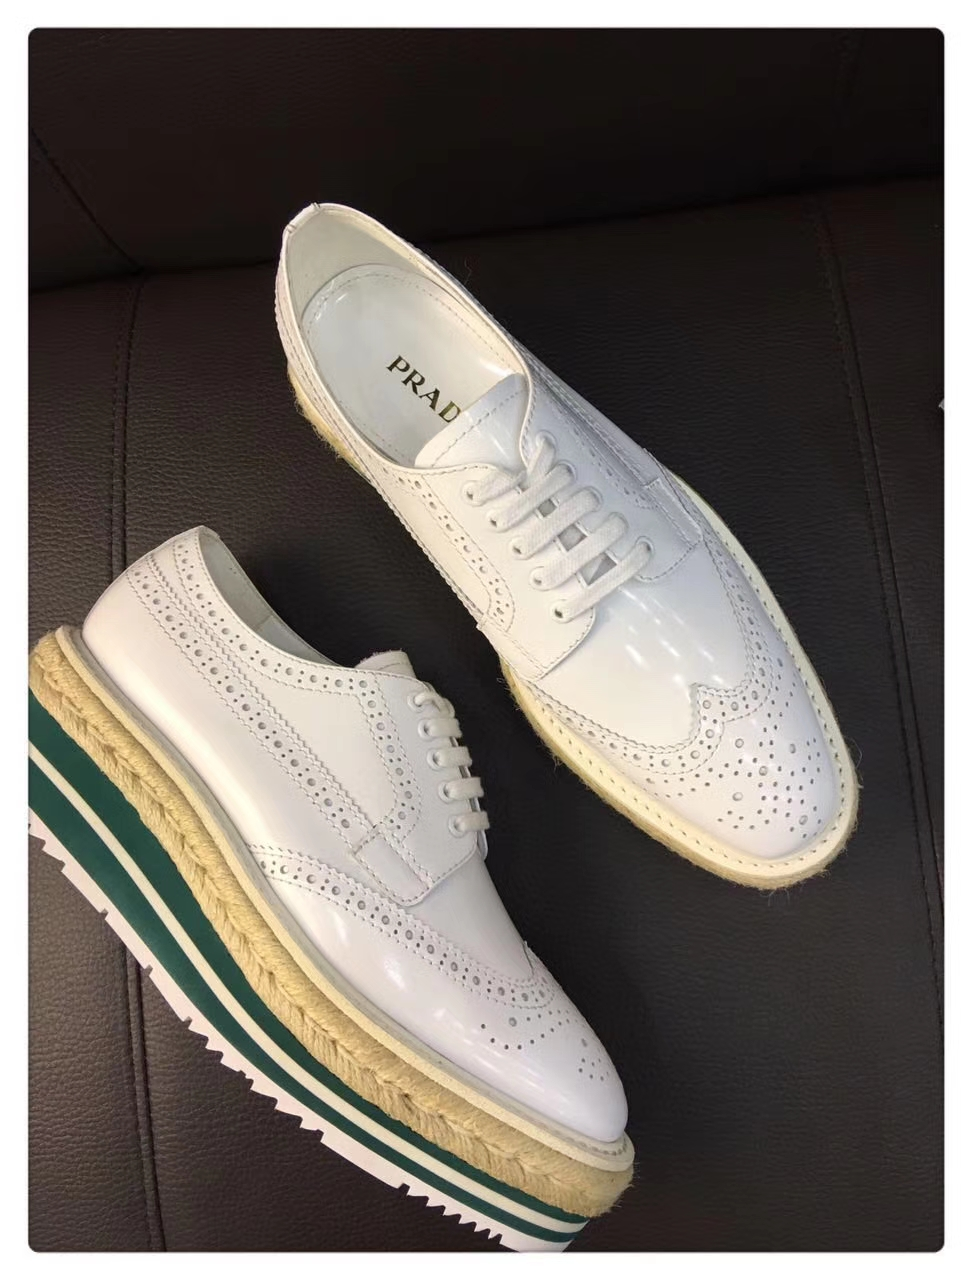 顶级品质Prada经典款厚底鞋女鞋单鞋